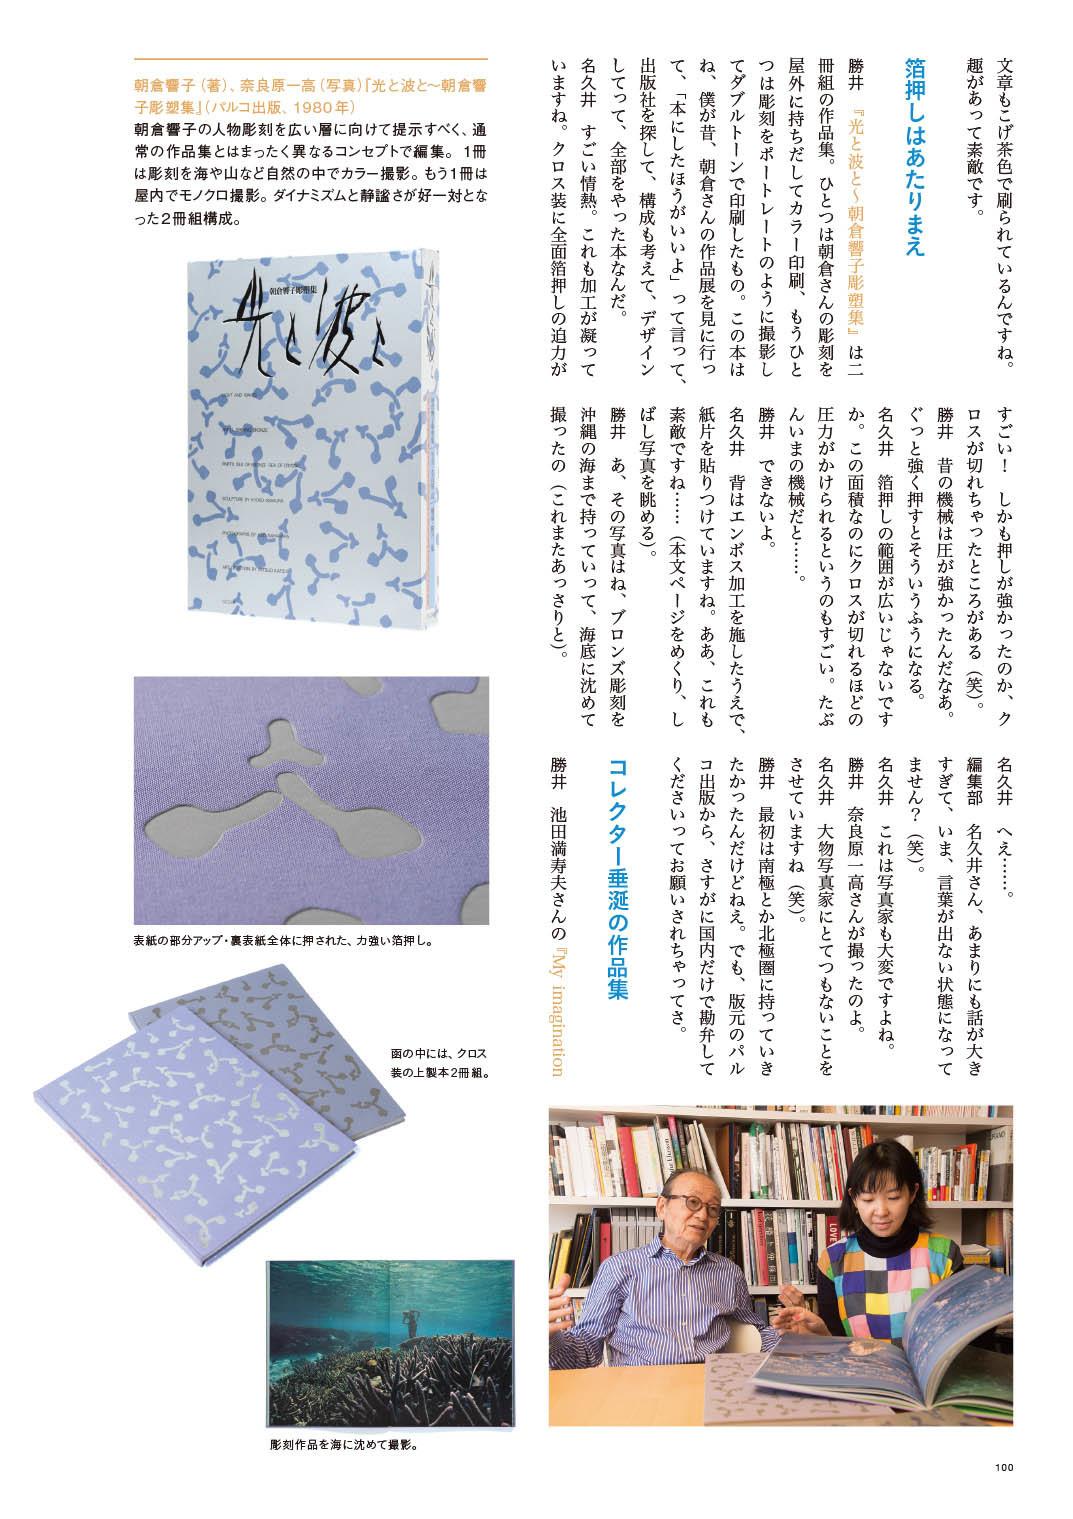 勝井三雄先生の記事を掲載いたします。_c0207090_13295645.jpg